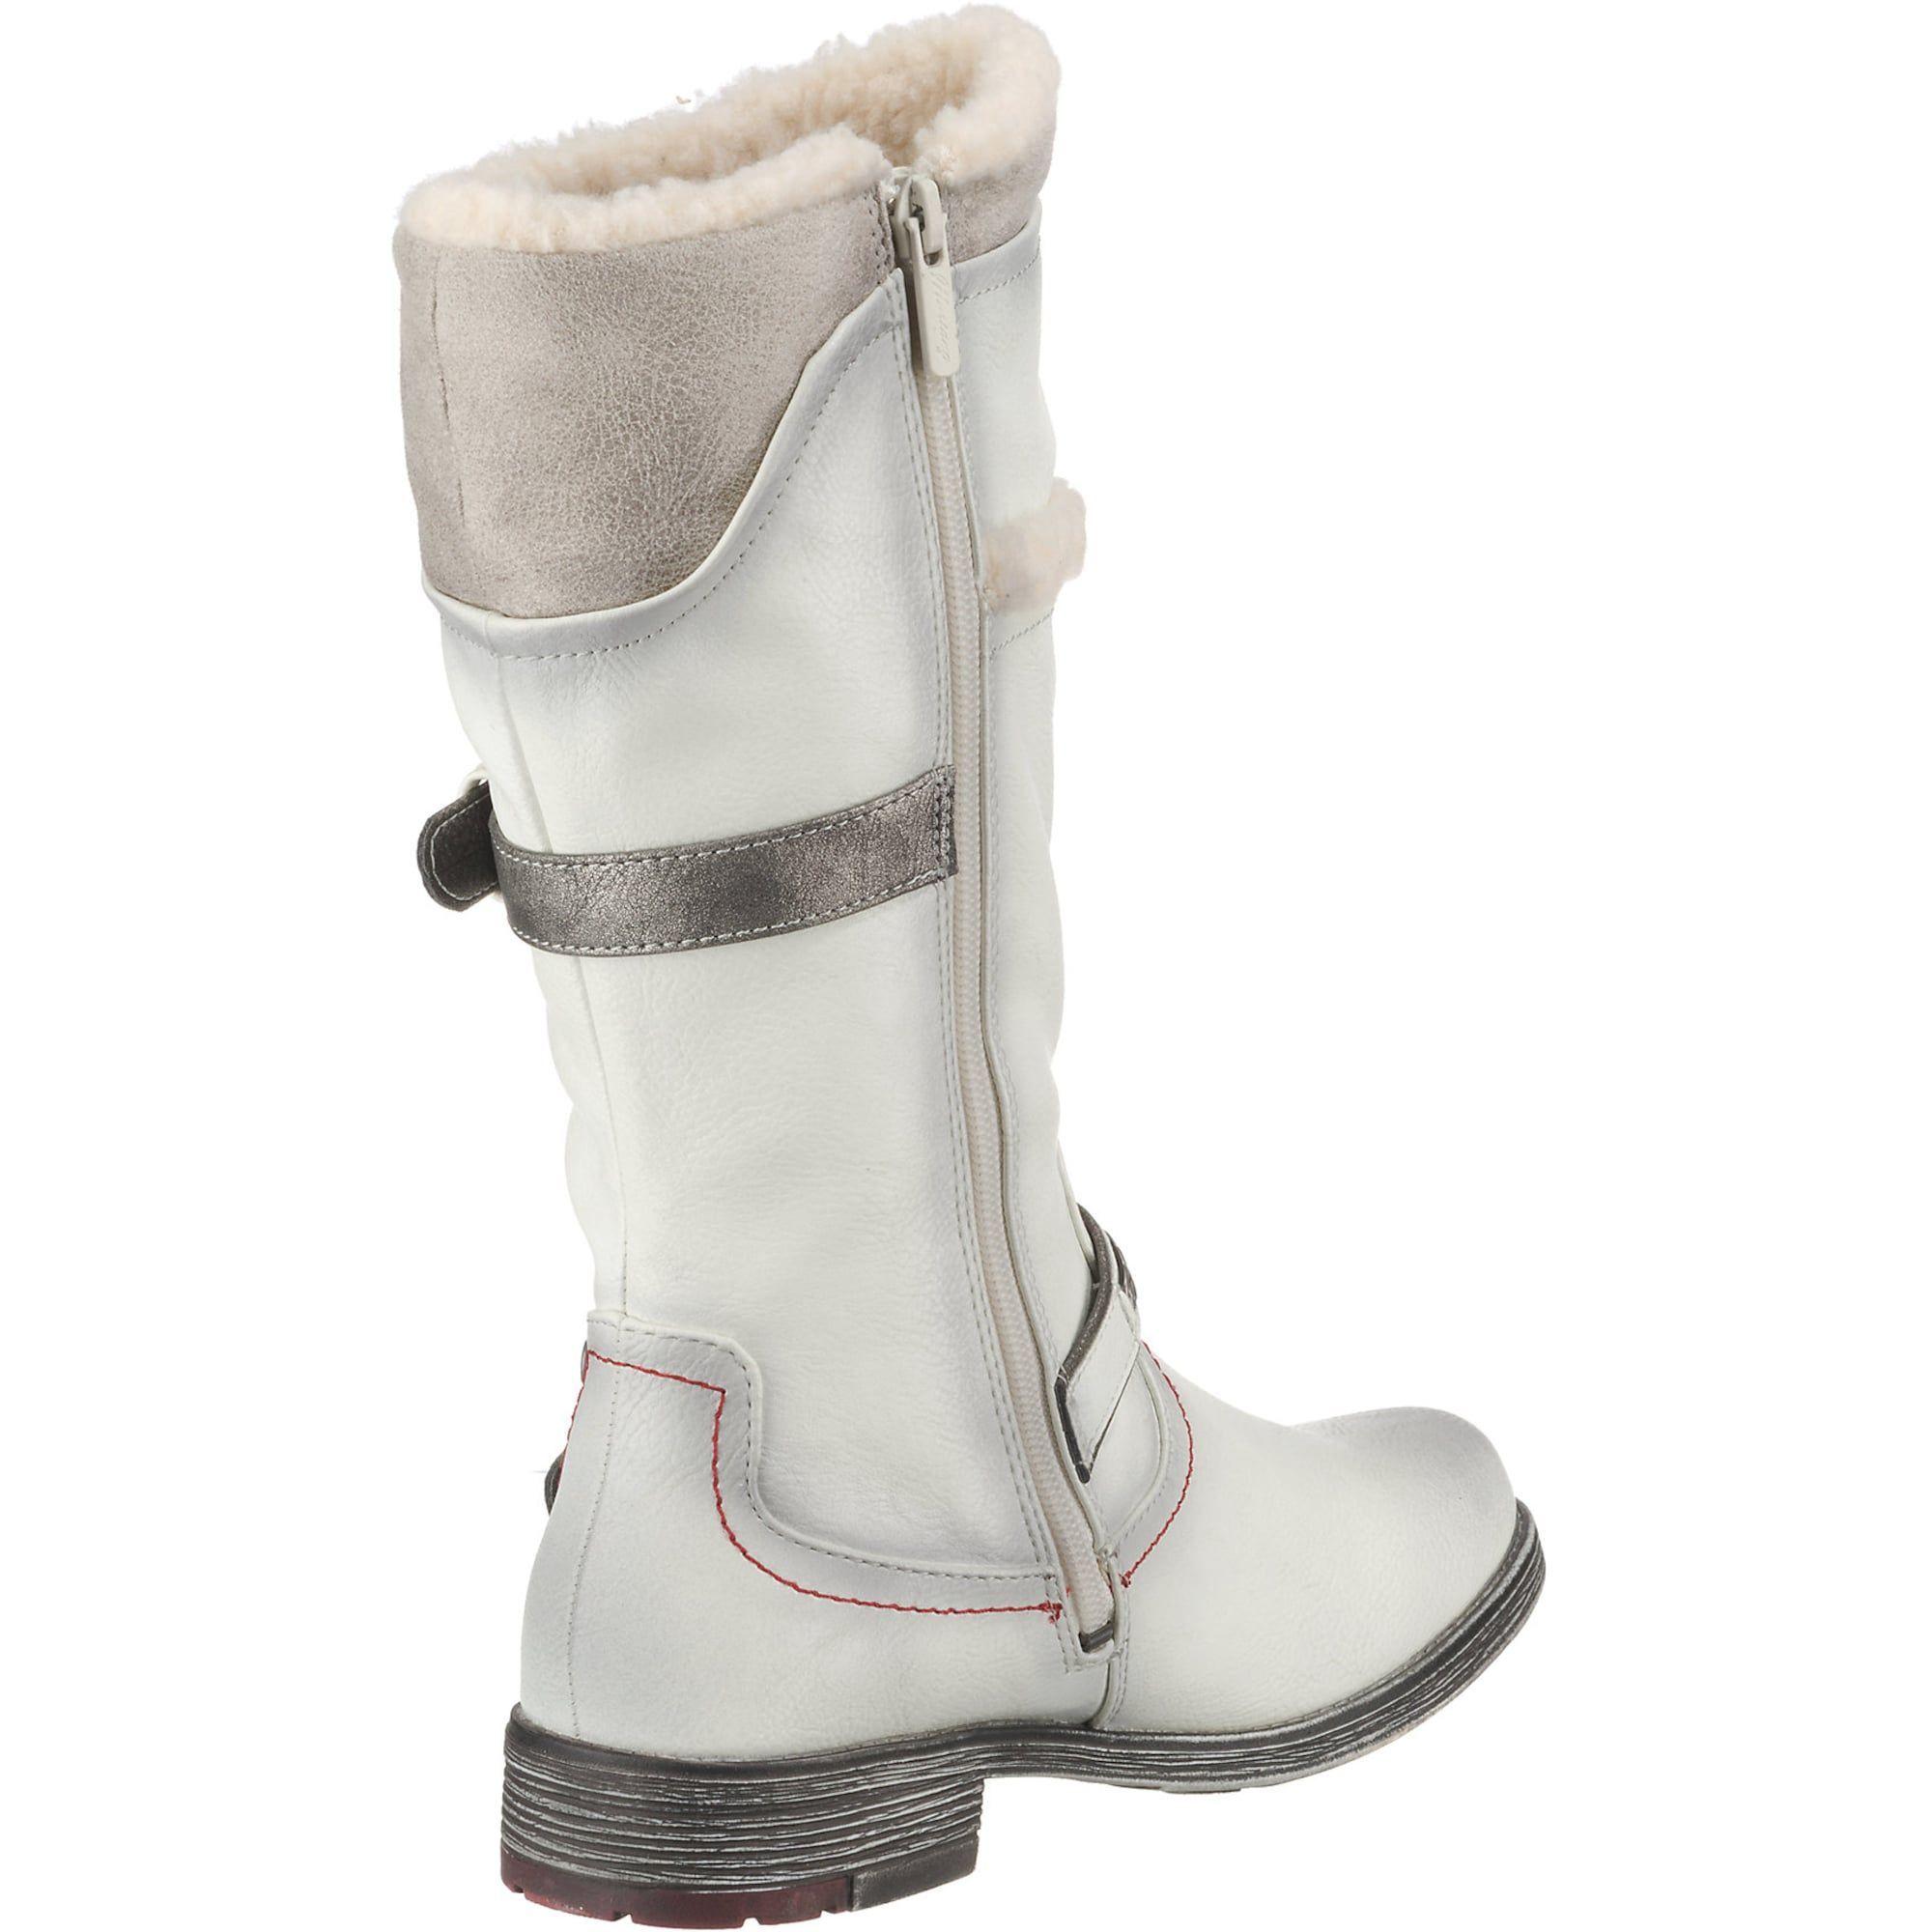 MUSTANG Winterstiefel Damen, weiß, Größe 40 | Boots, Ugg